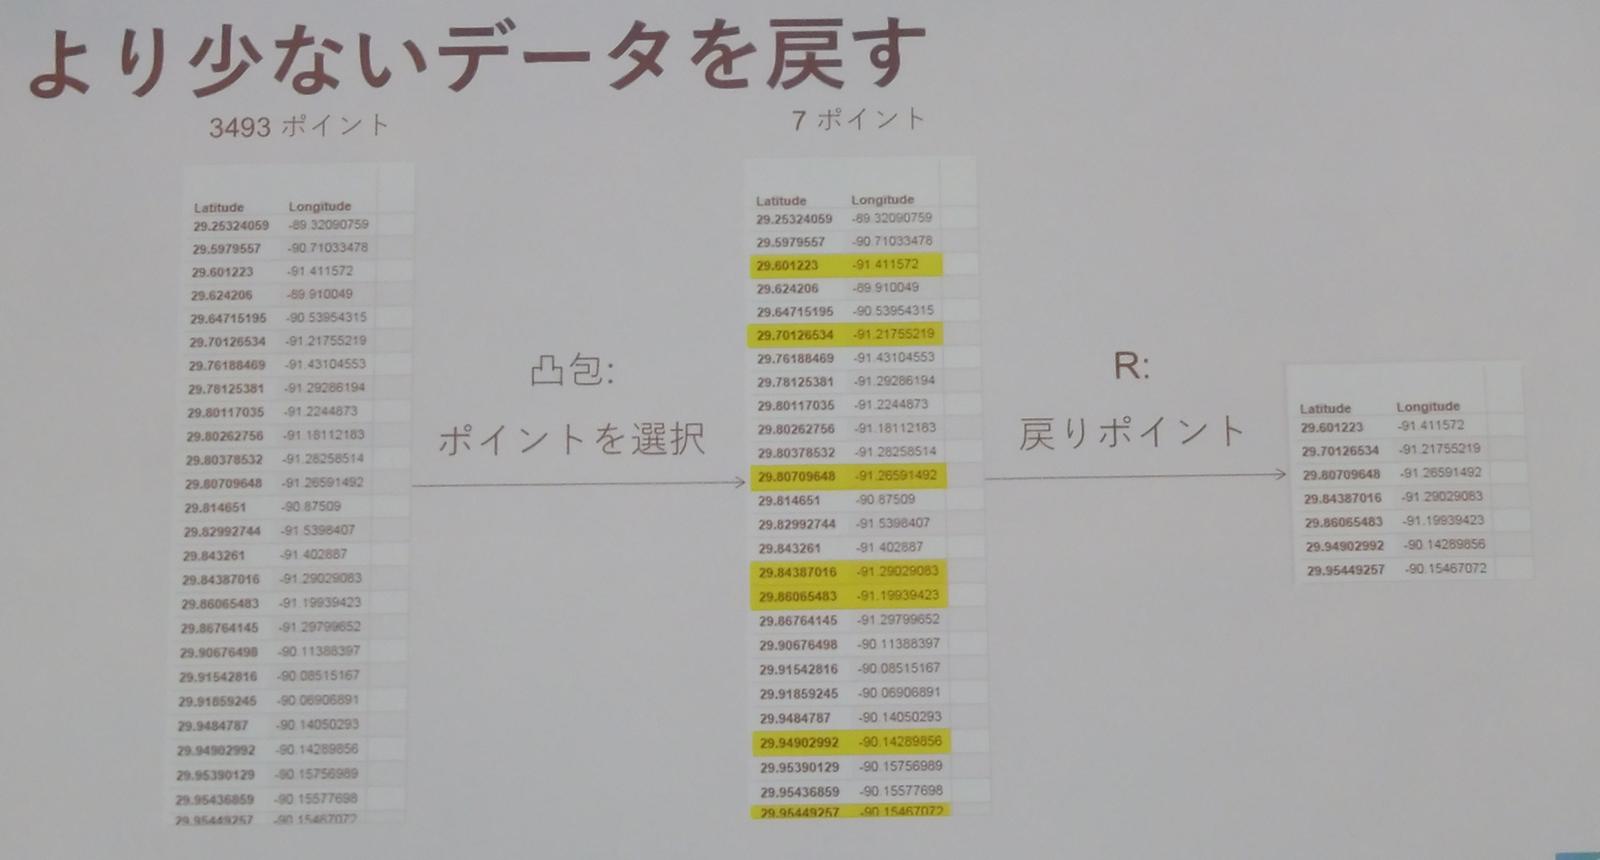 data17-tableau-r-jedi-strategy_12